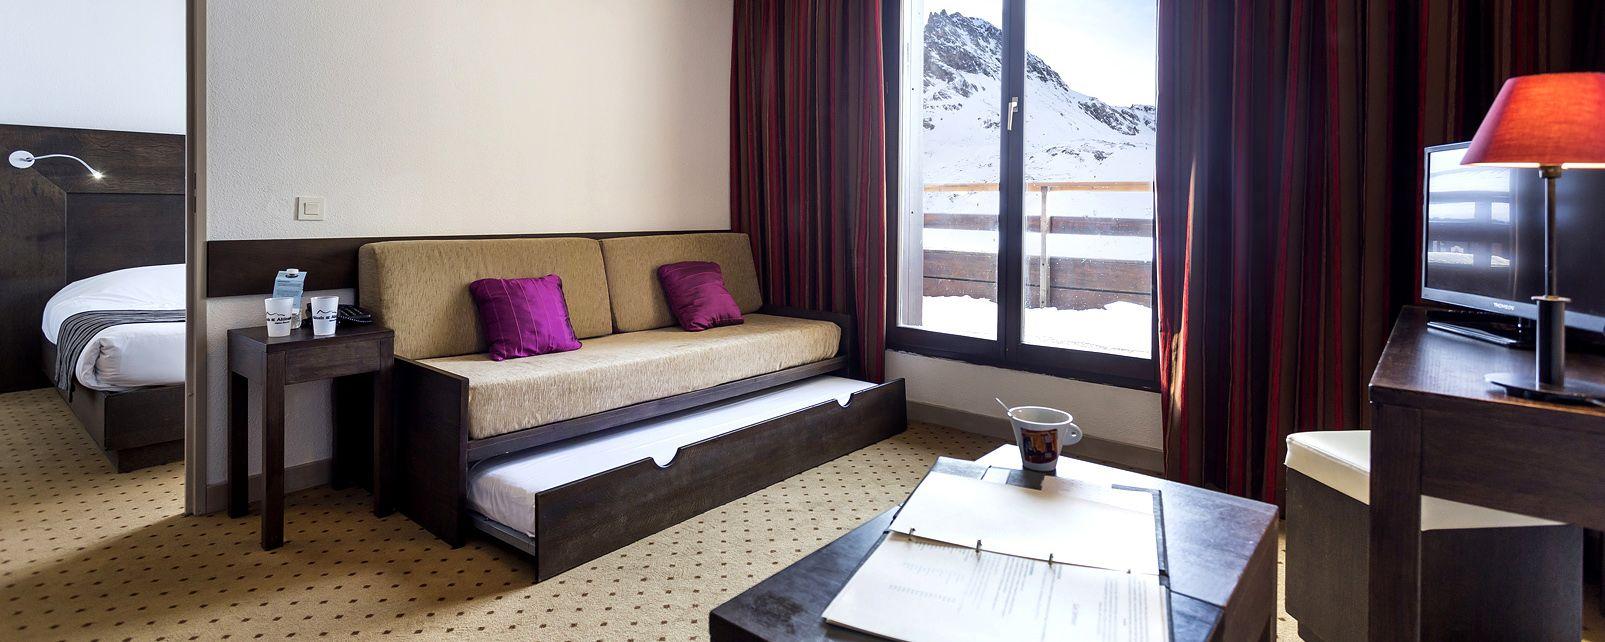 h tel club belambra le diva tignes. Black Bedroom Furniture Sets. Home Design Ideas